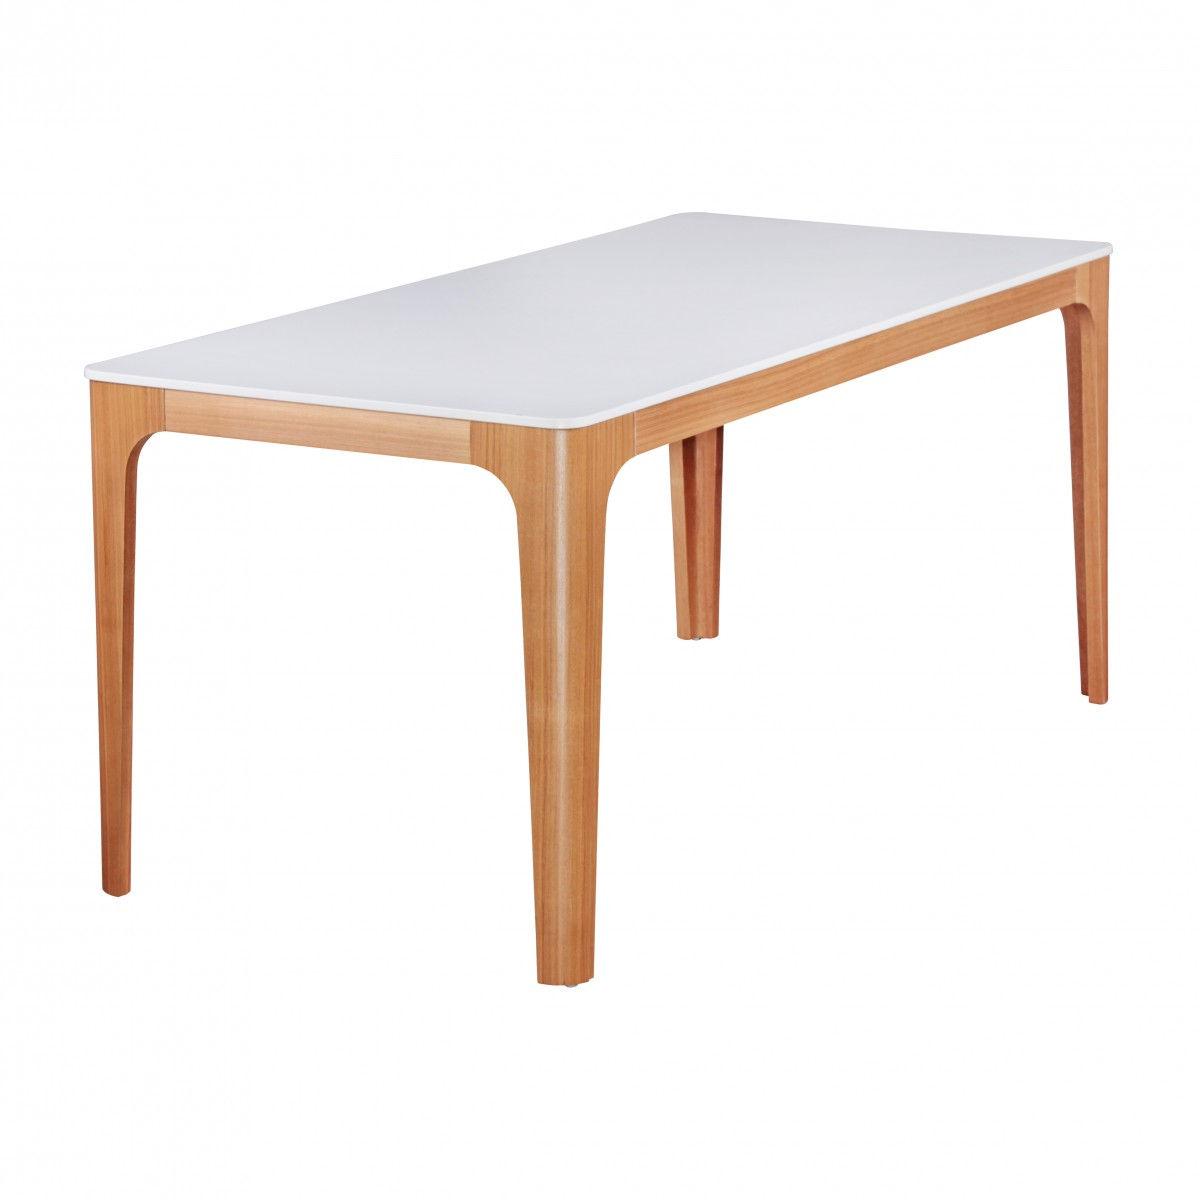 decopoint m bel in troisdorf weran esszimmertisch nora 160 x 76 x 80 cm mdf holz esstisch. Black Bedroom Furniture Sets. Home Design Ideas